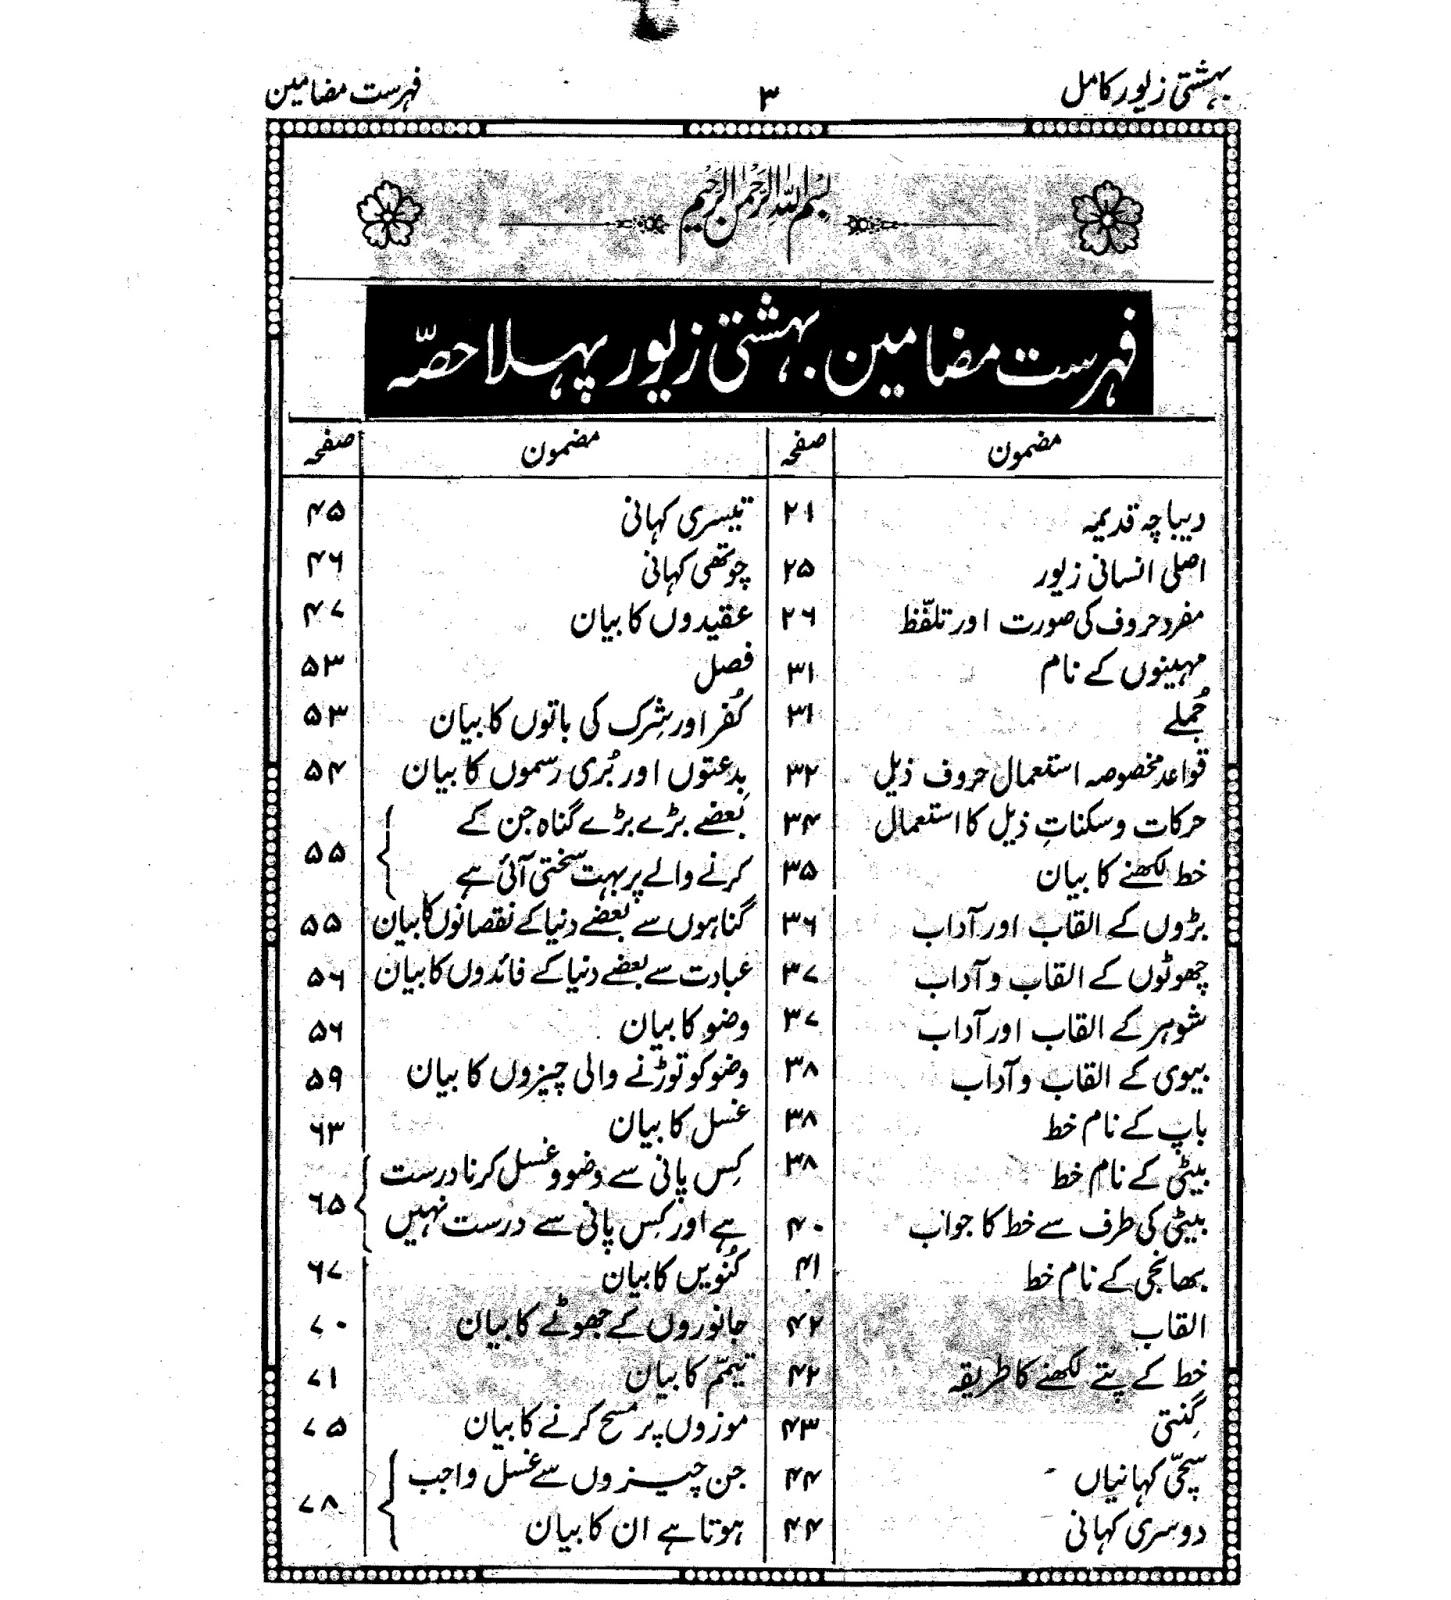 Kitab Dost: Bahishti zewar Maulana Ashraf AliThanwi Part 1